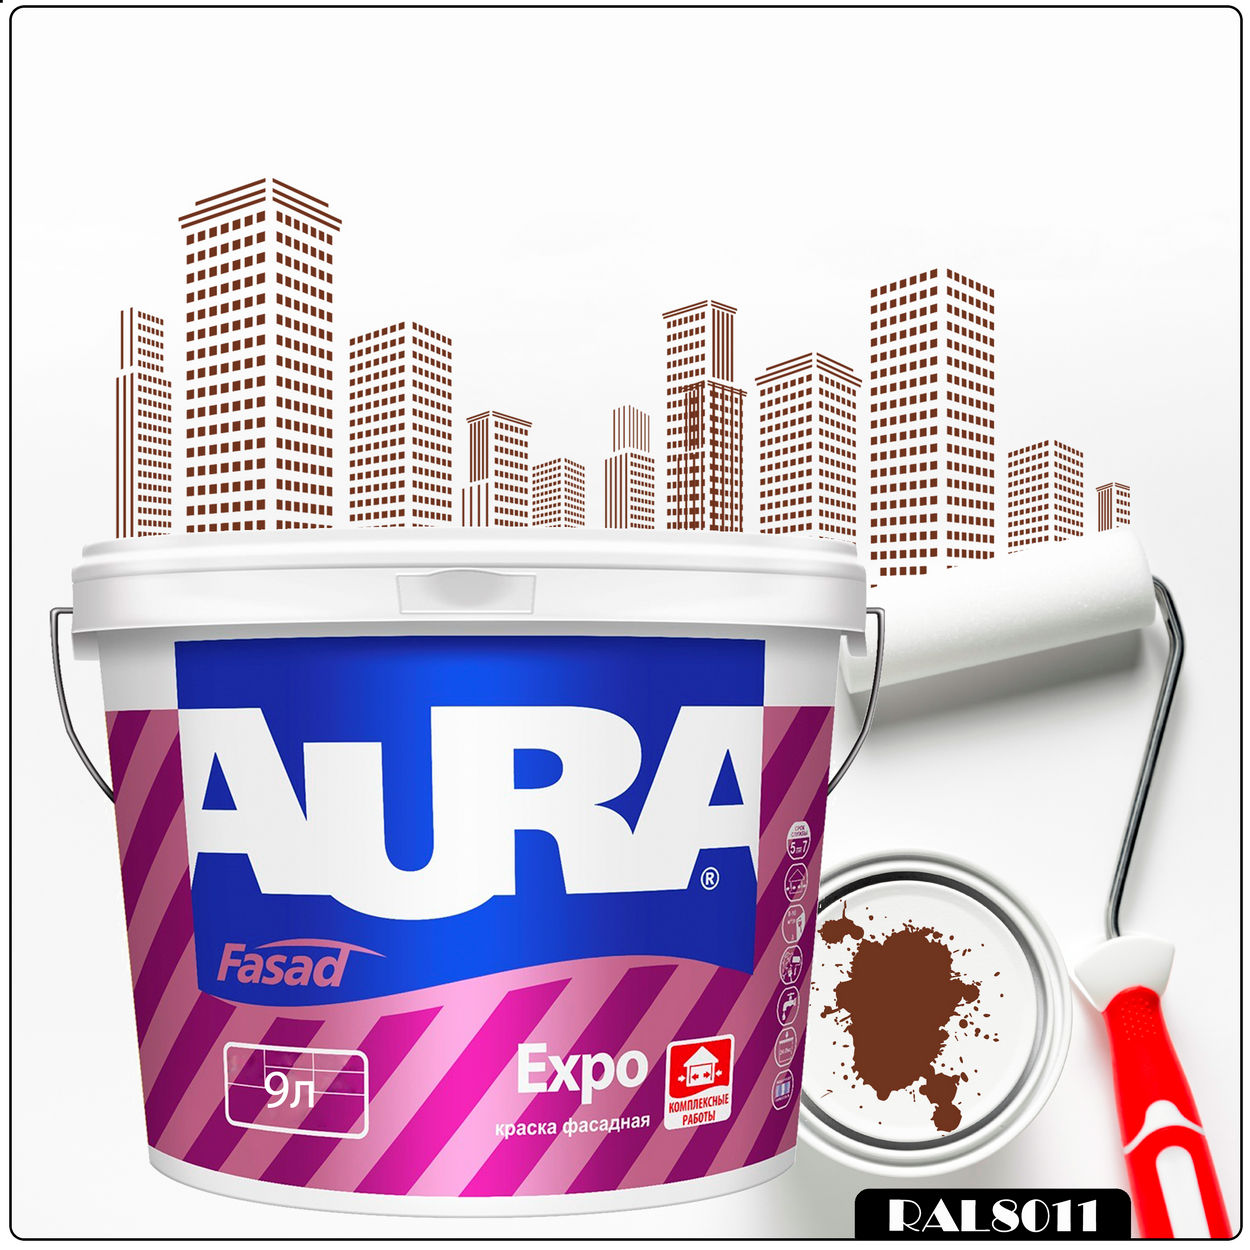 Фото 8 - Краска Aura Fasad Expo, RAL 8011 Коричневый-орех, матовая, для фасадов и помещений с повышенной влажностью, 9л.